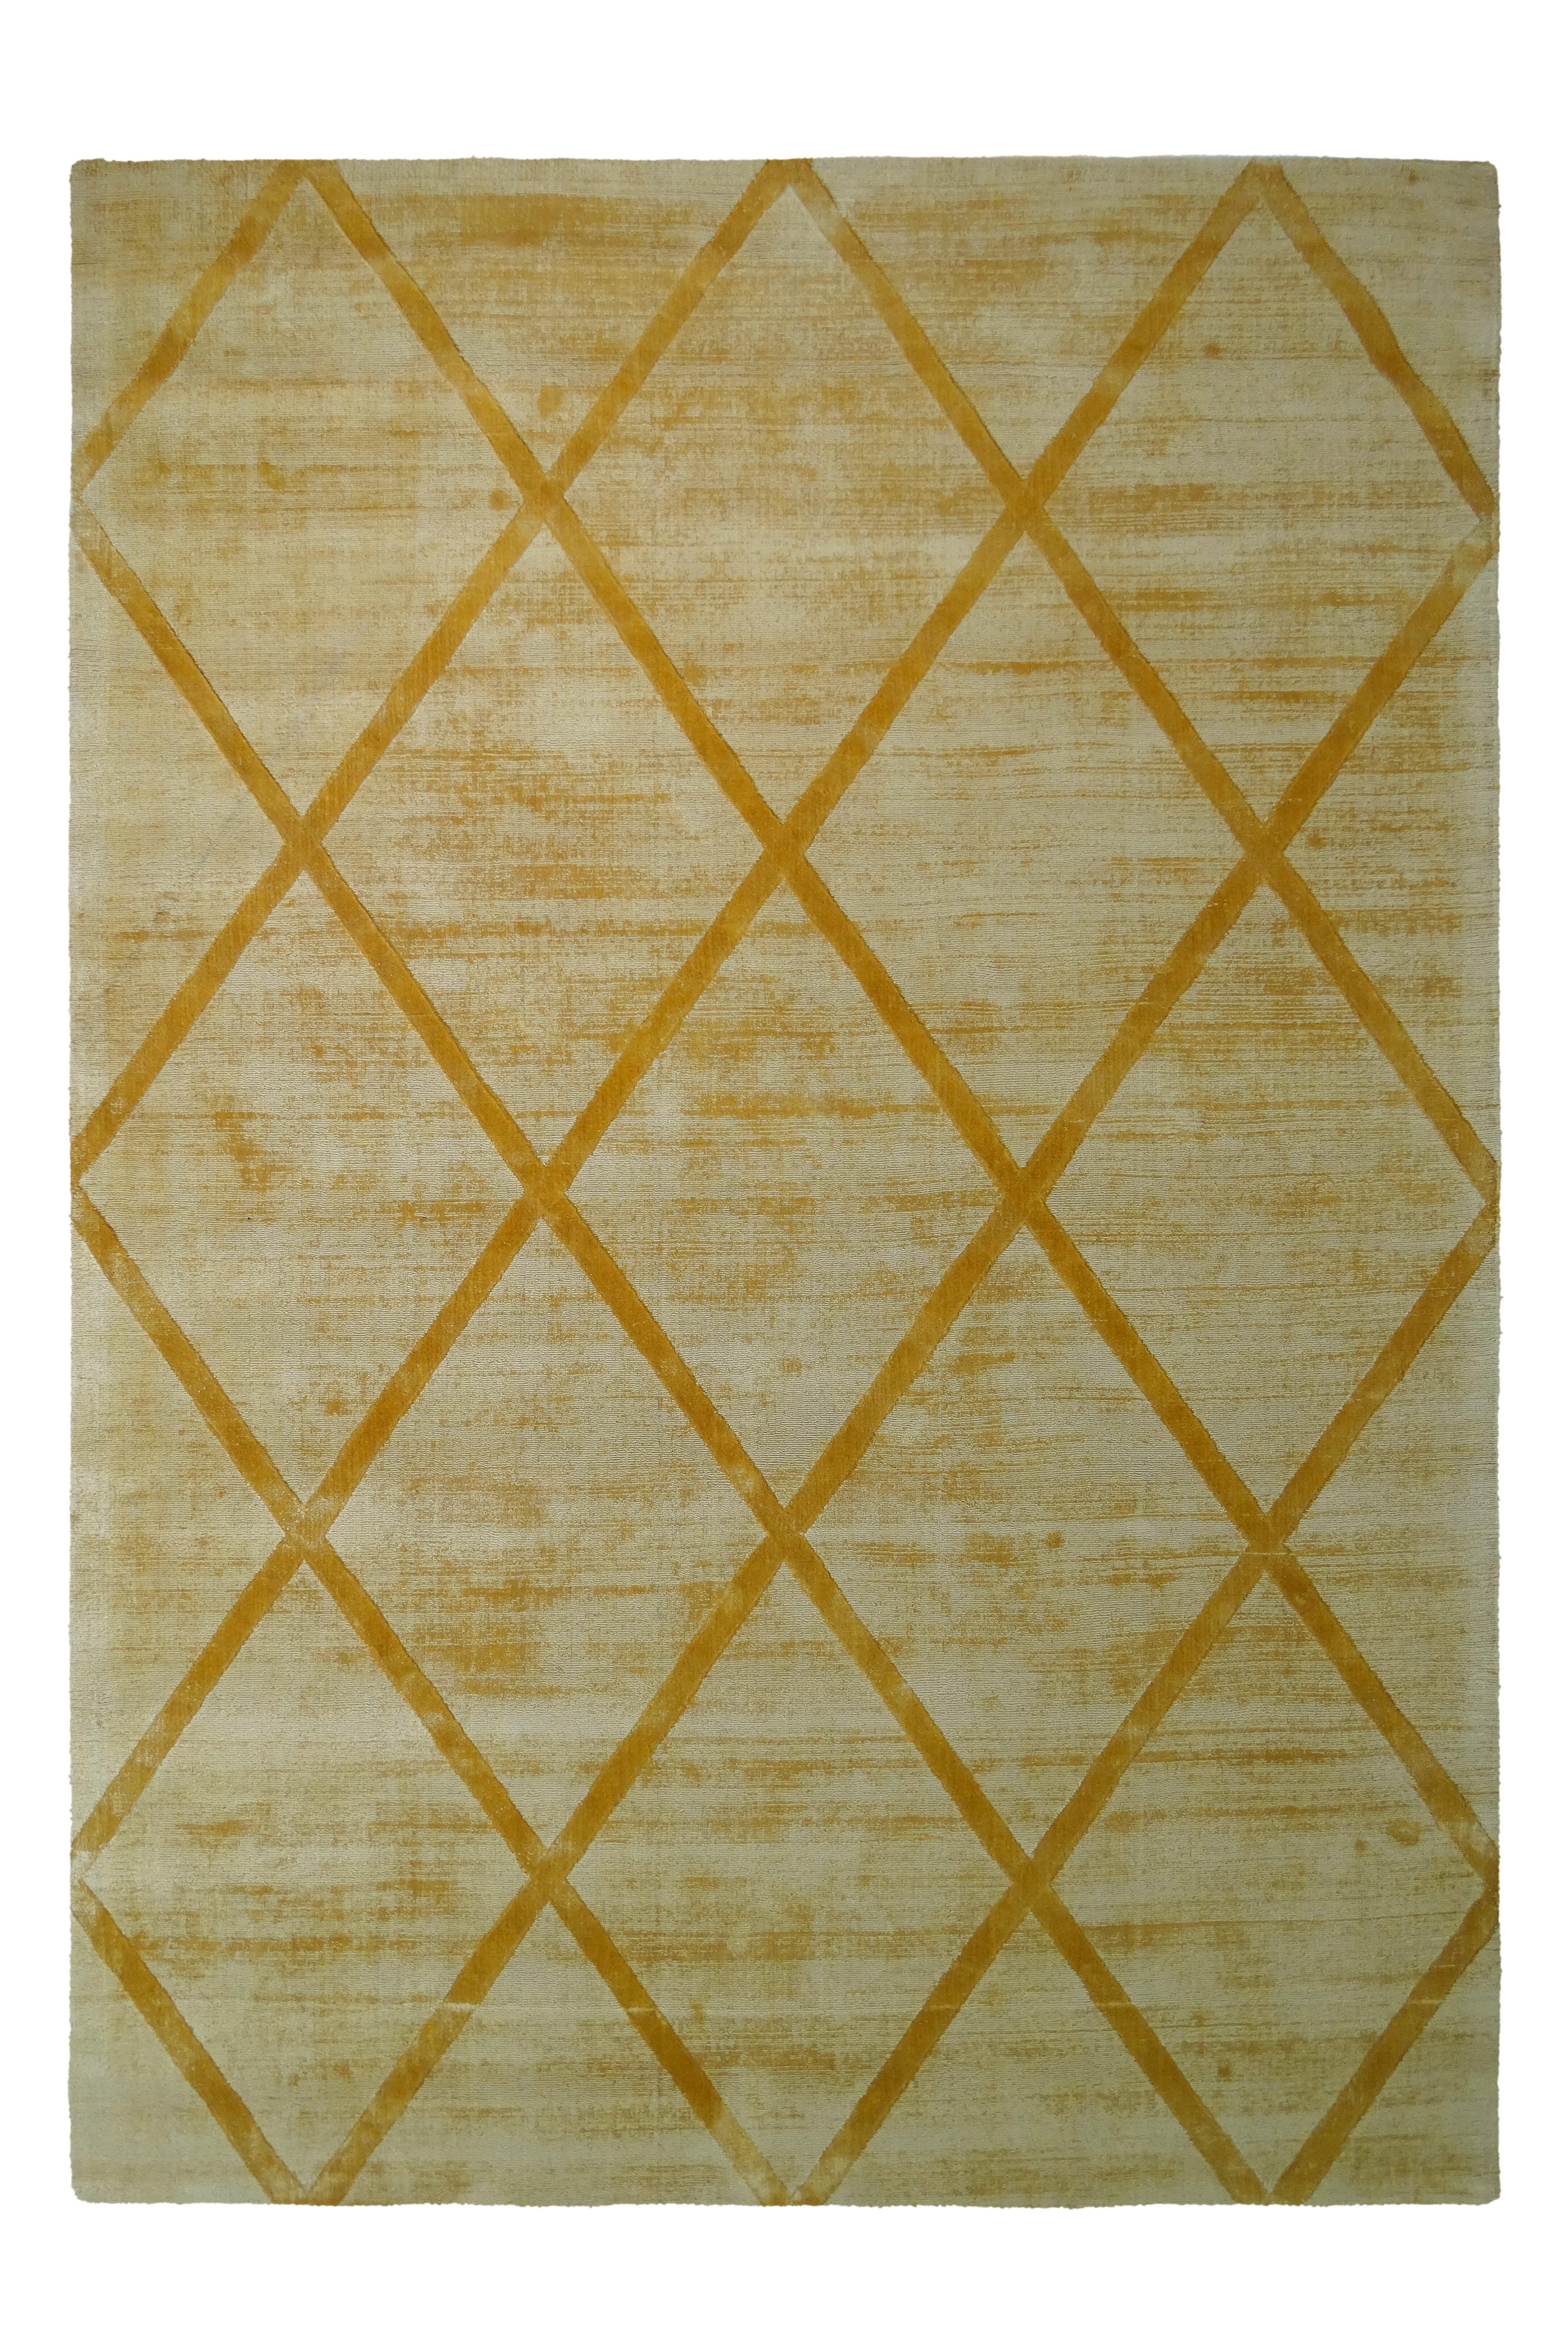 Kayoom Vloerkleed 'Luxury 210' kleur Oker / Geel, 160 x 230cm